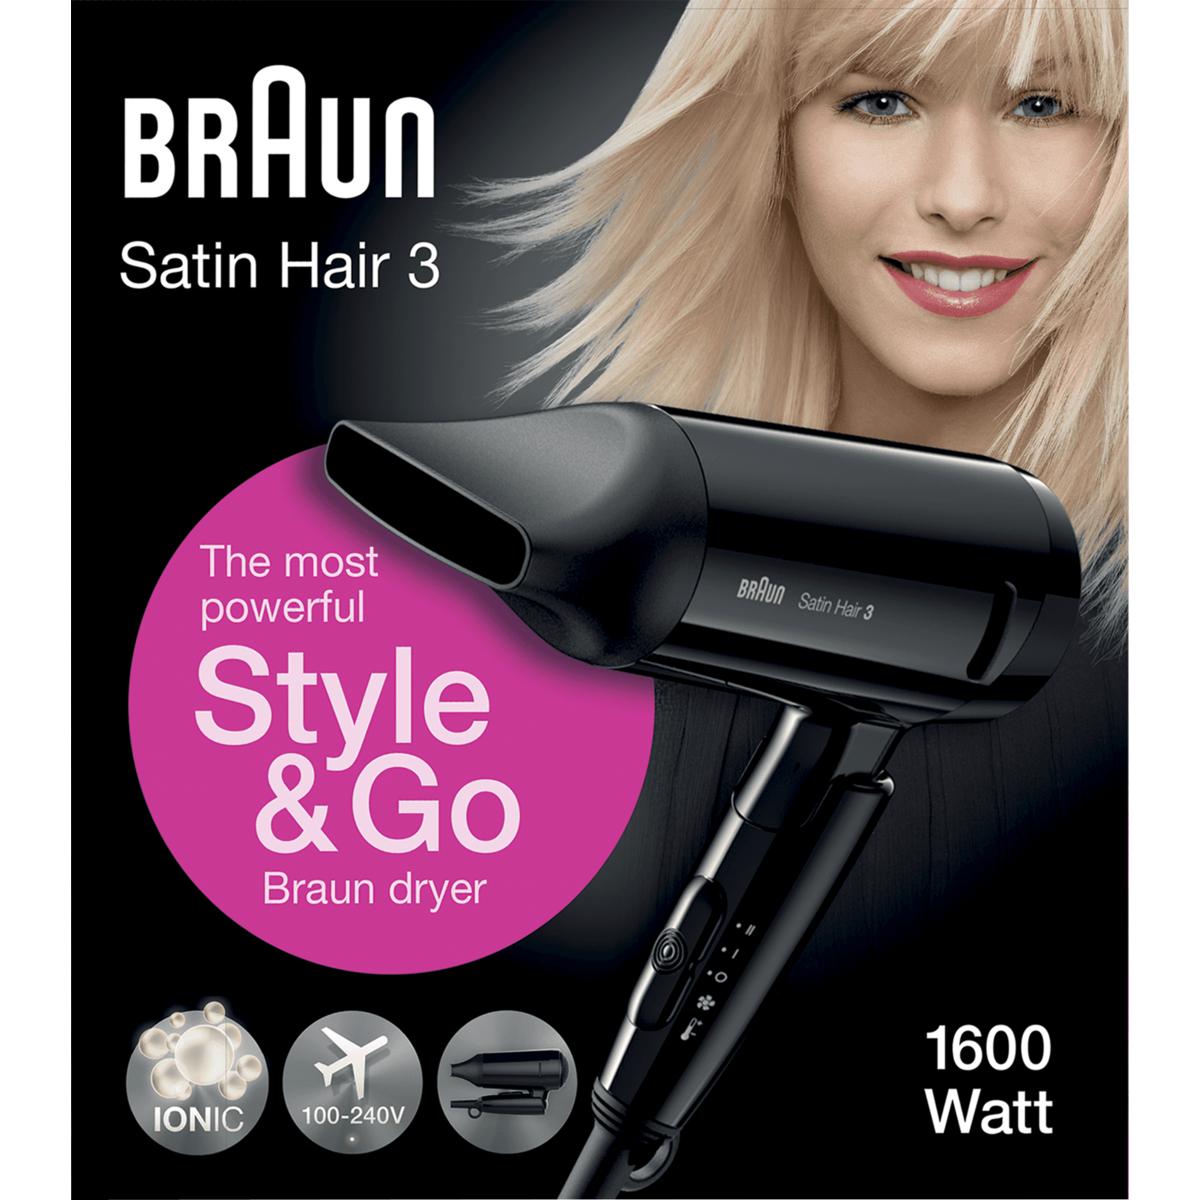 Braun HD 350 Style&Go haardroger @ Etos Webshop - verzending vanaf €20